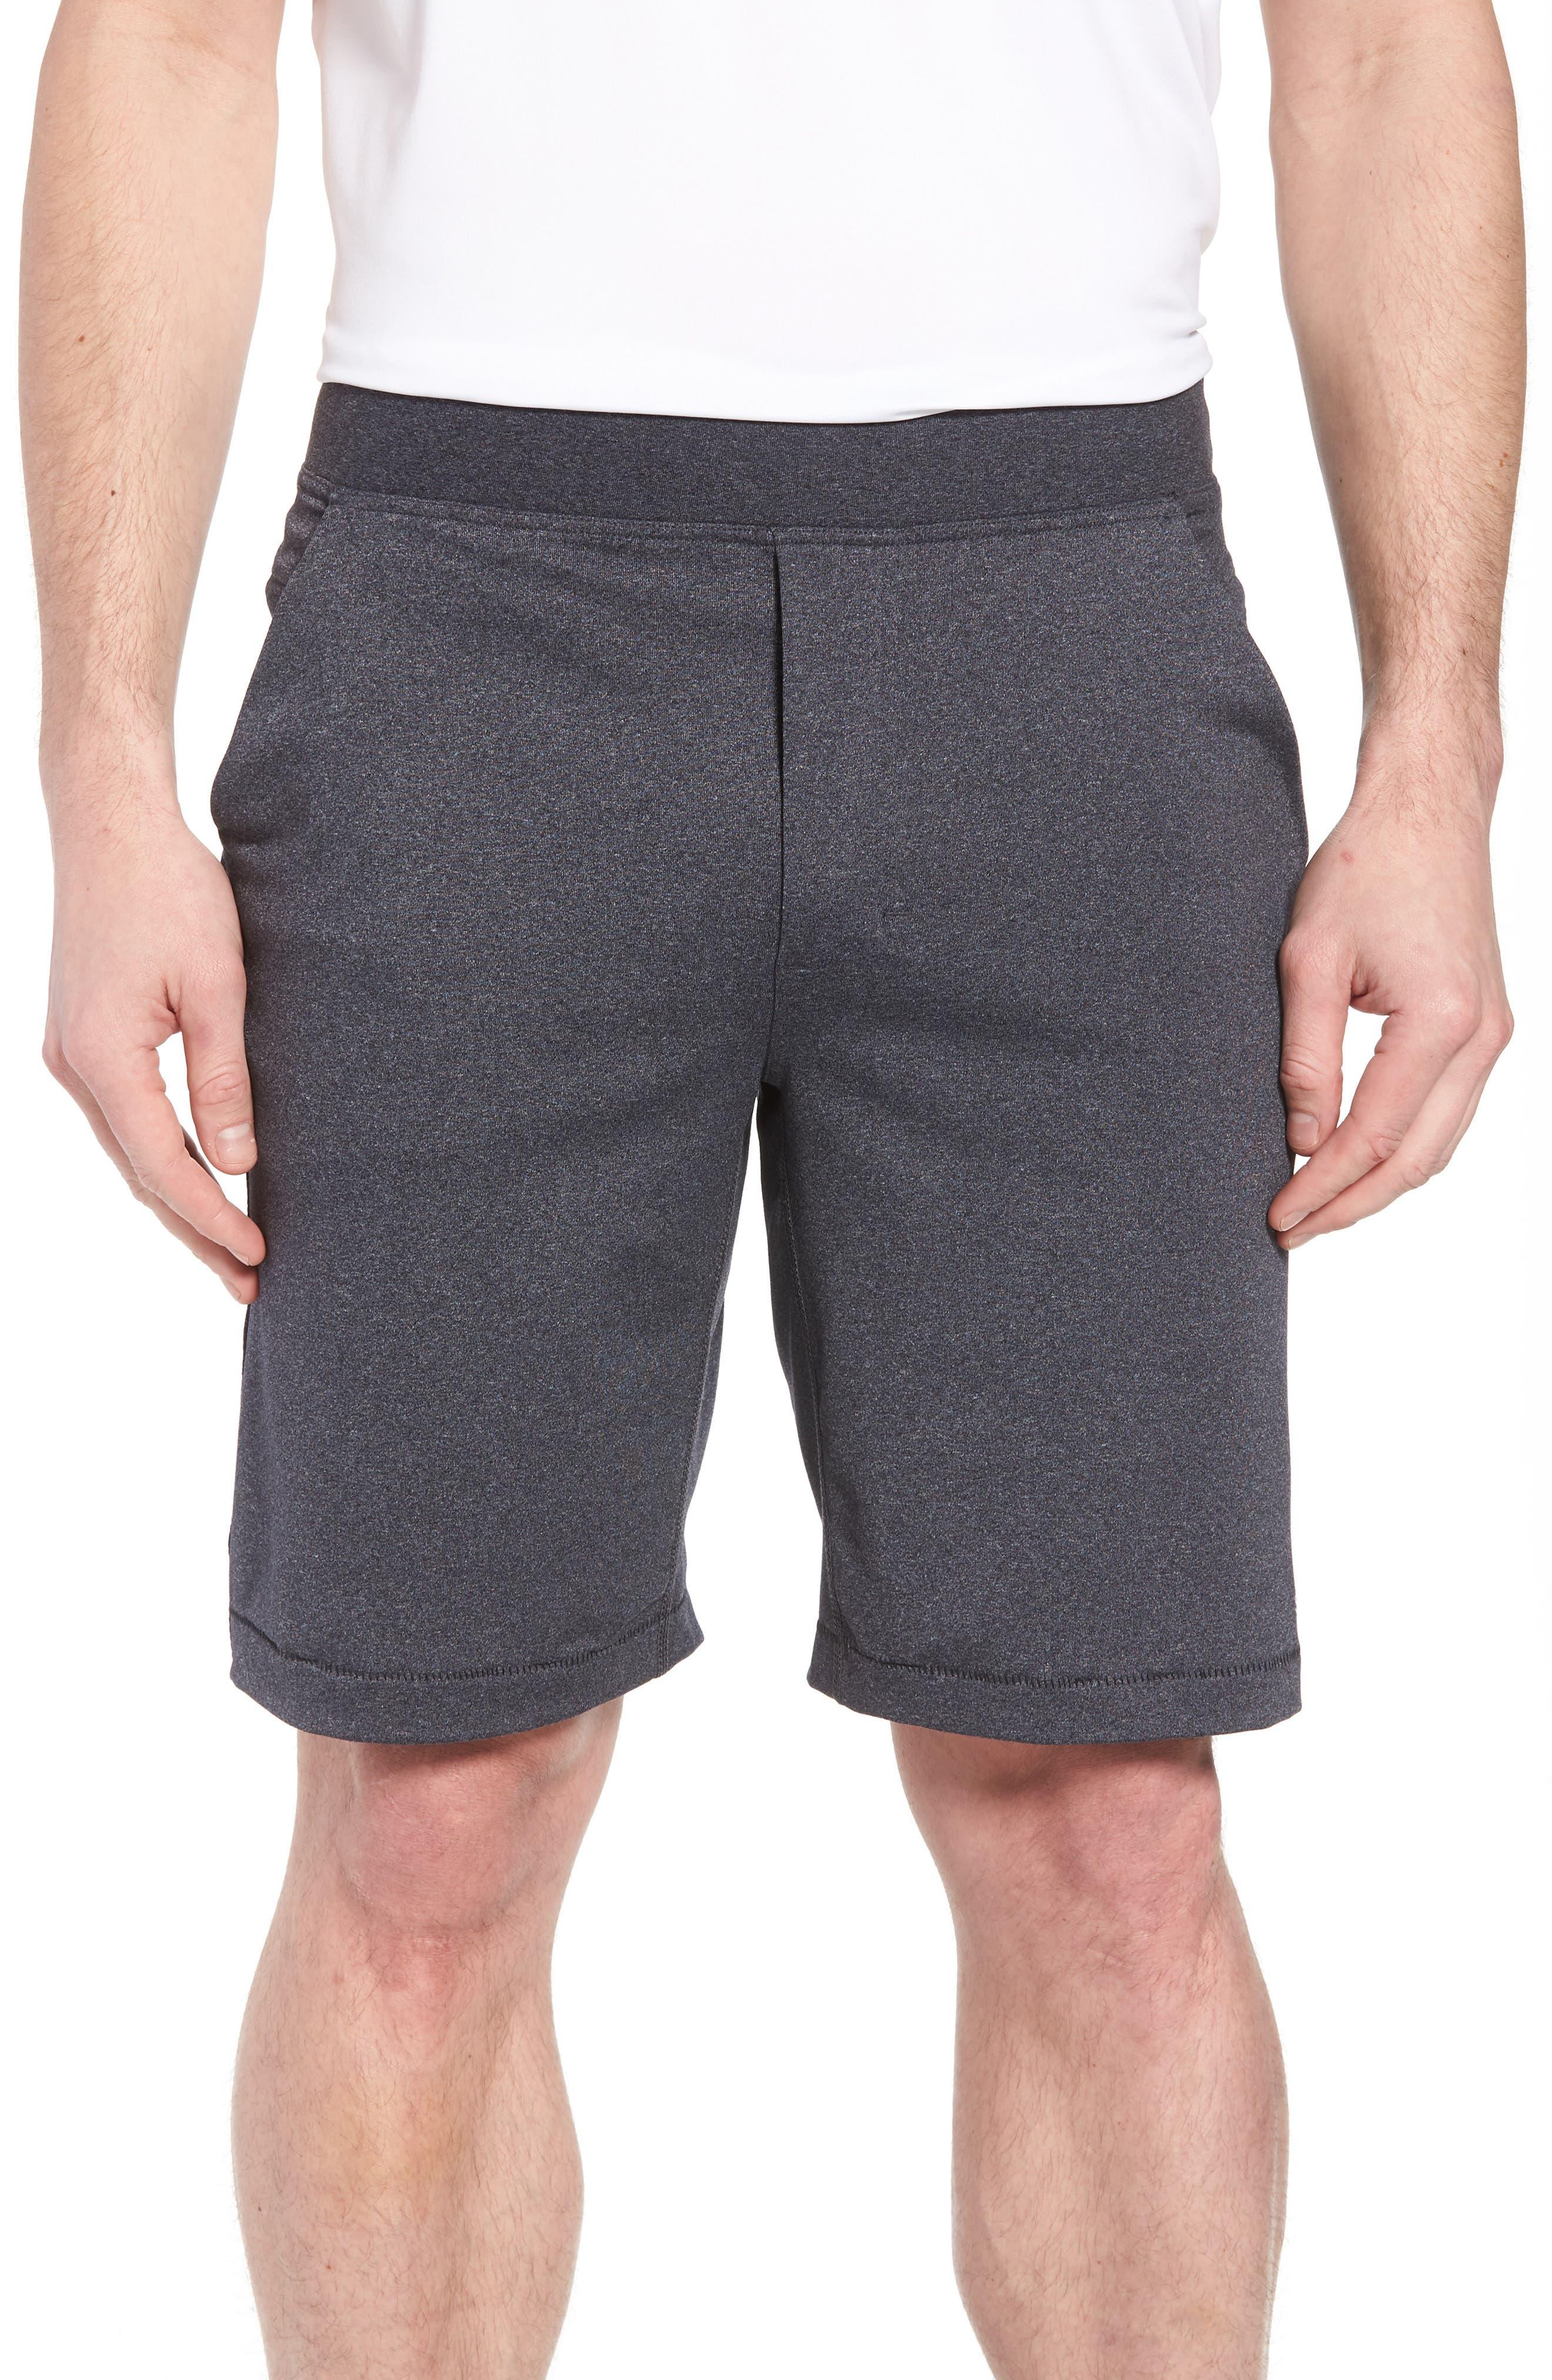 206 Shorts,                         Main,                         color, Charcoal